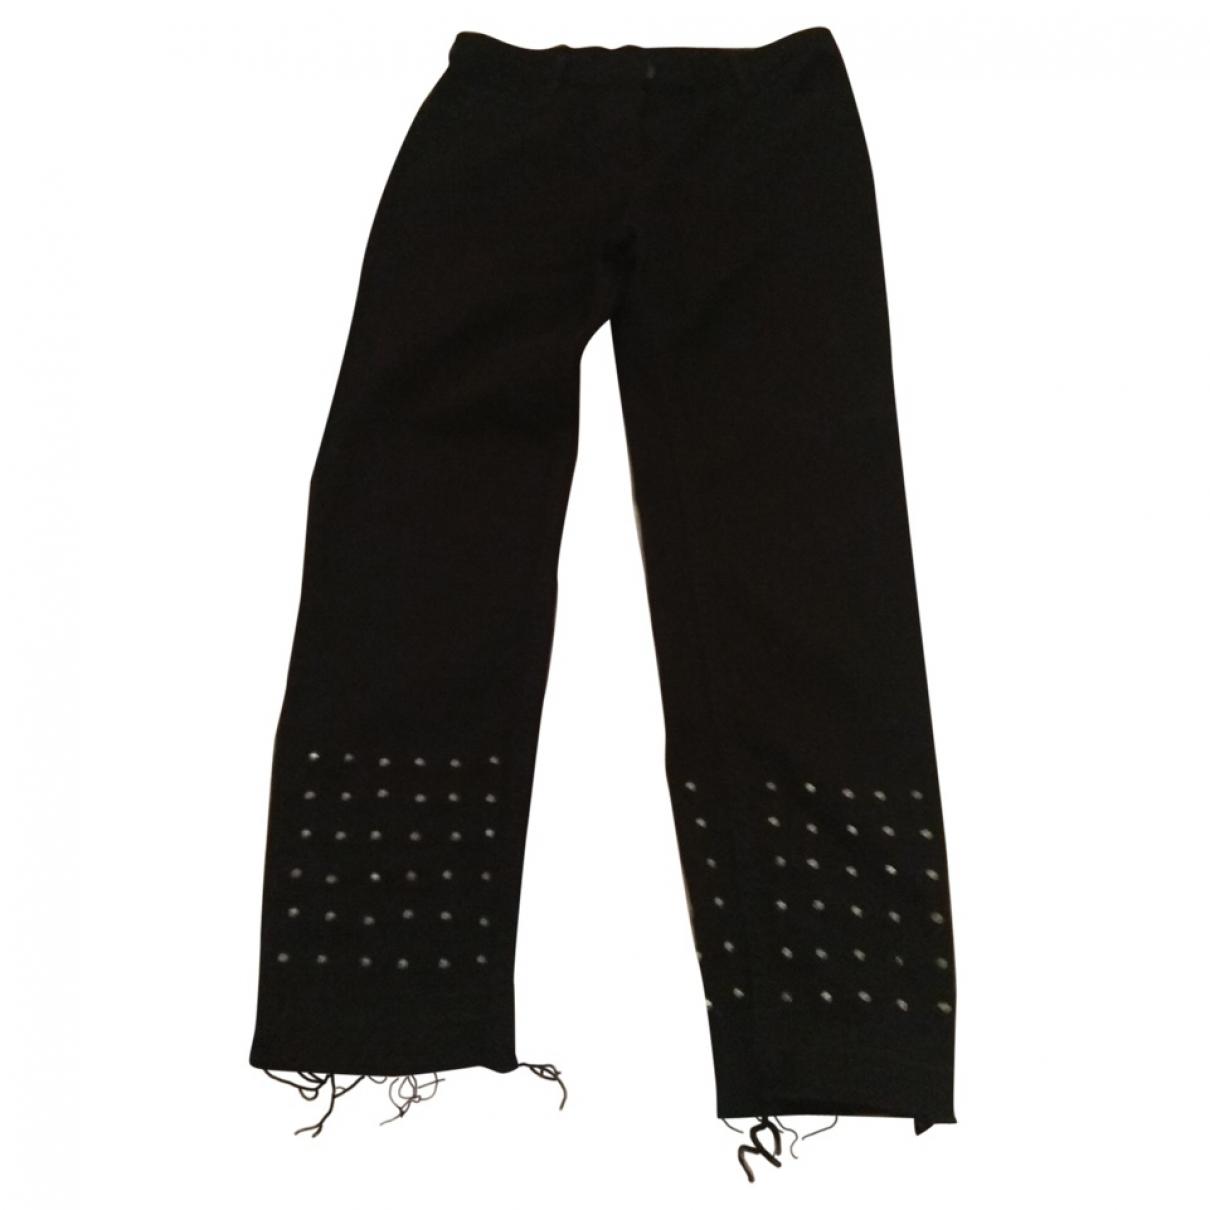 Sandro \N Black Denim - Jeans Jeans for Women 36 FR